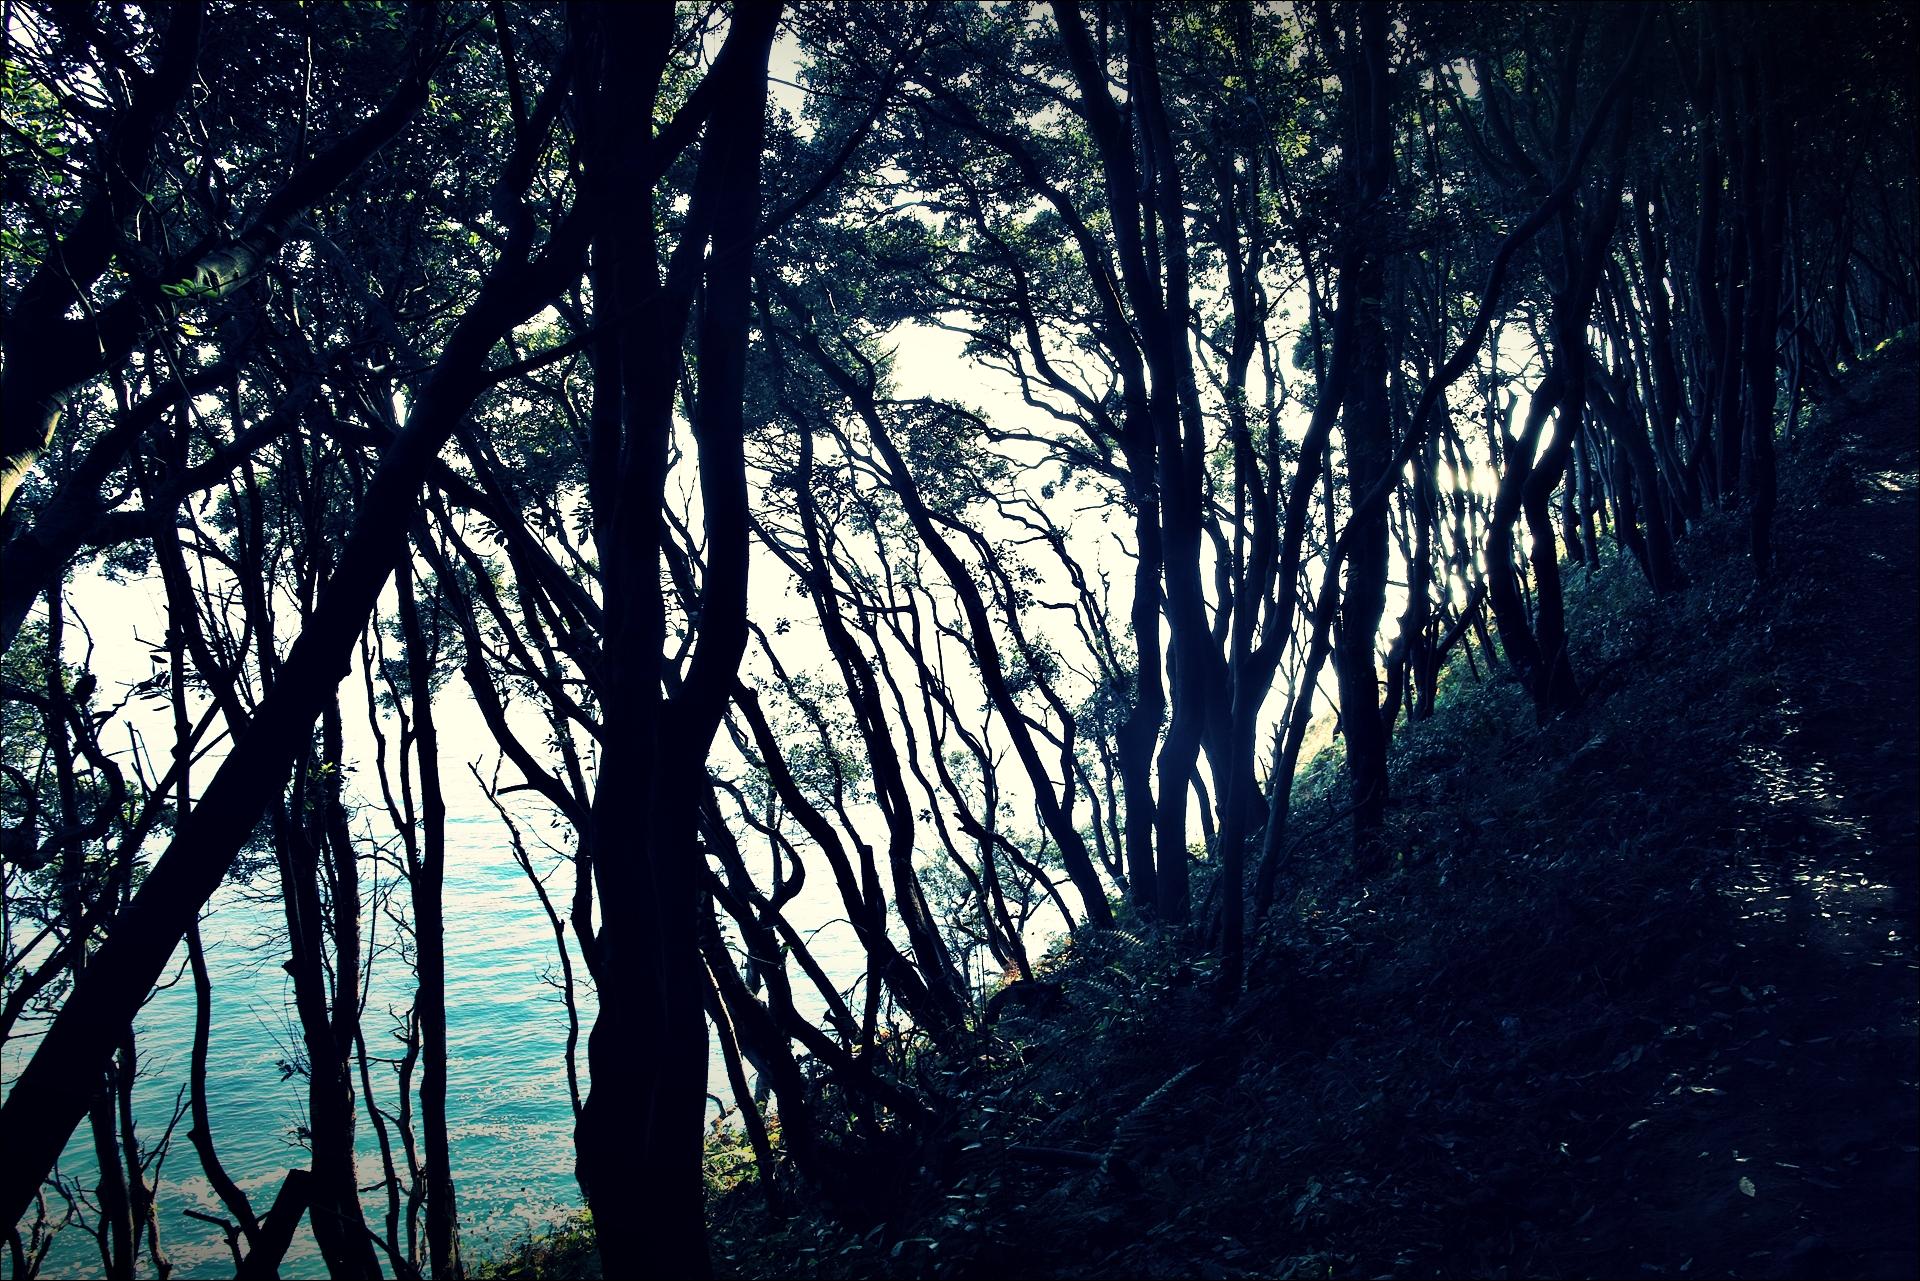 나무 사이로 보이는 바다-'카미노 데 산티아고 북쪽길. 산토냐에서 노하. (Camino del Norte - Santoña to Noja)'